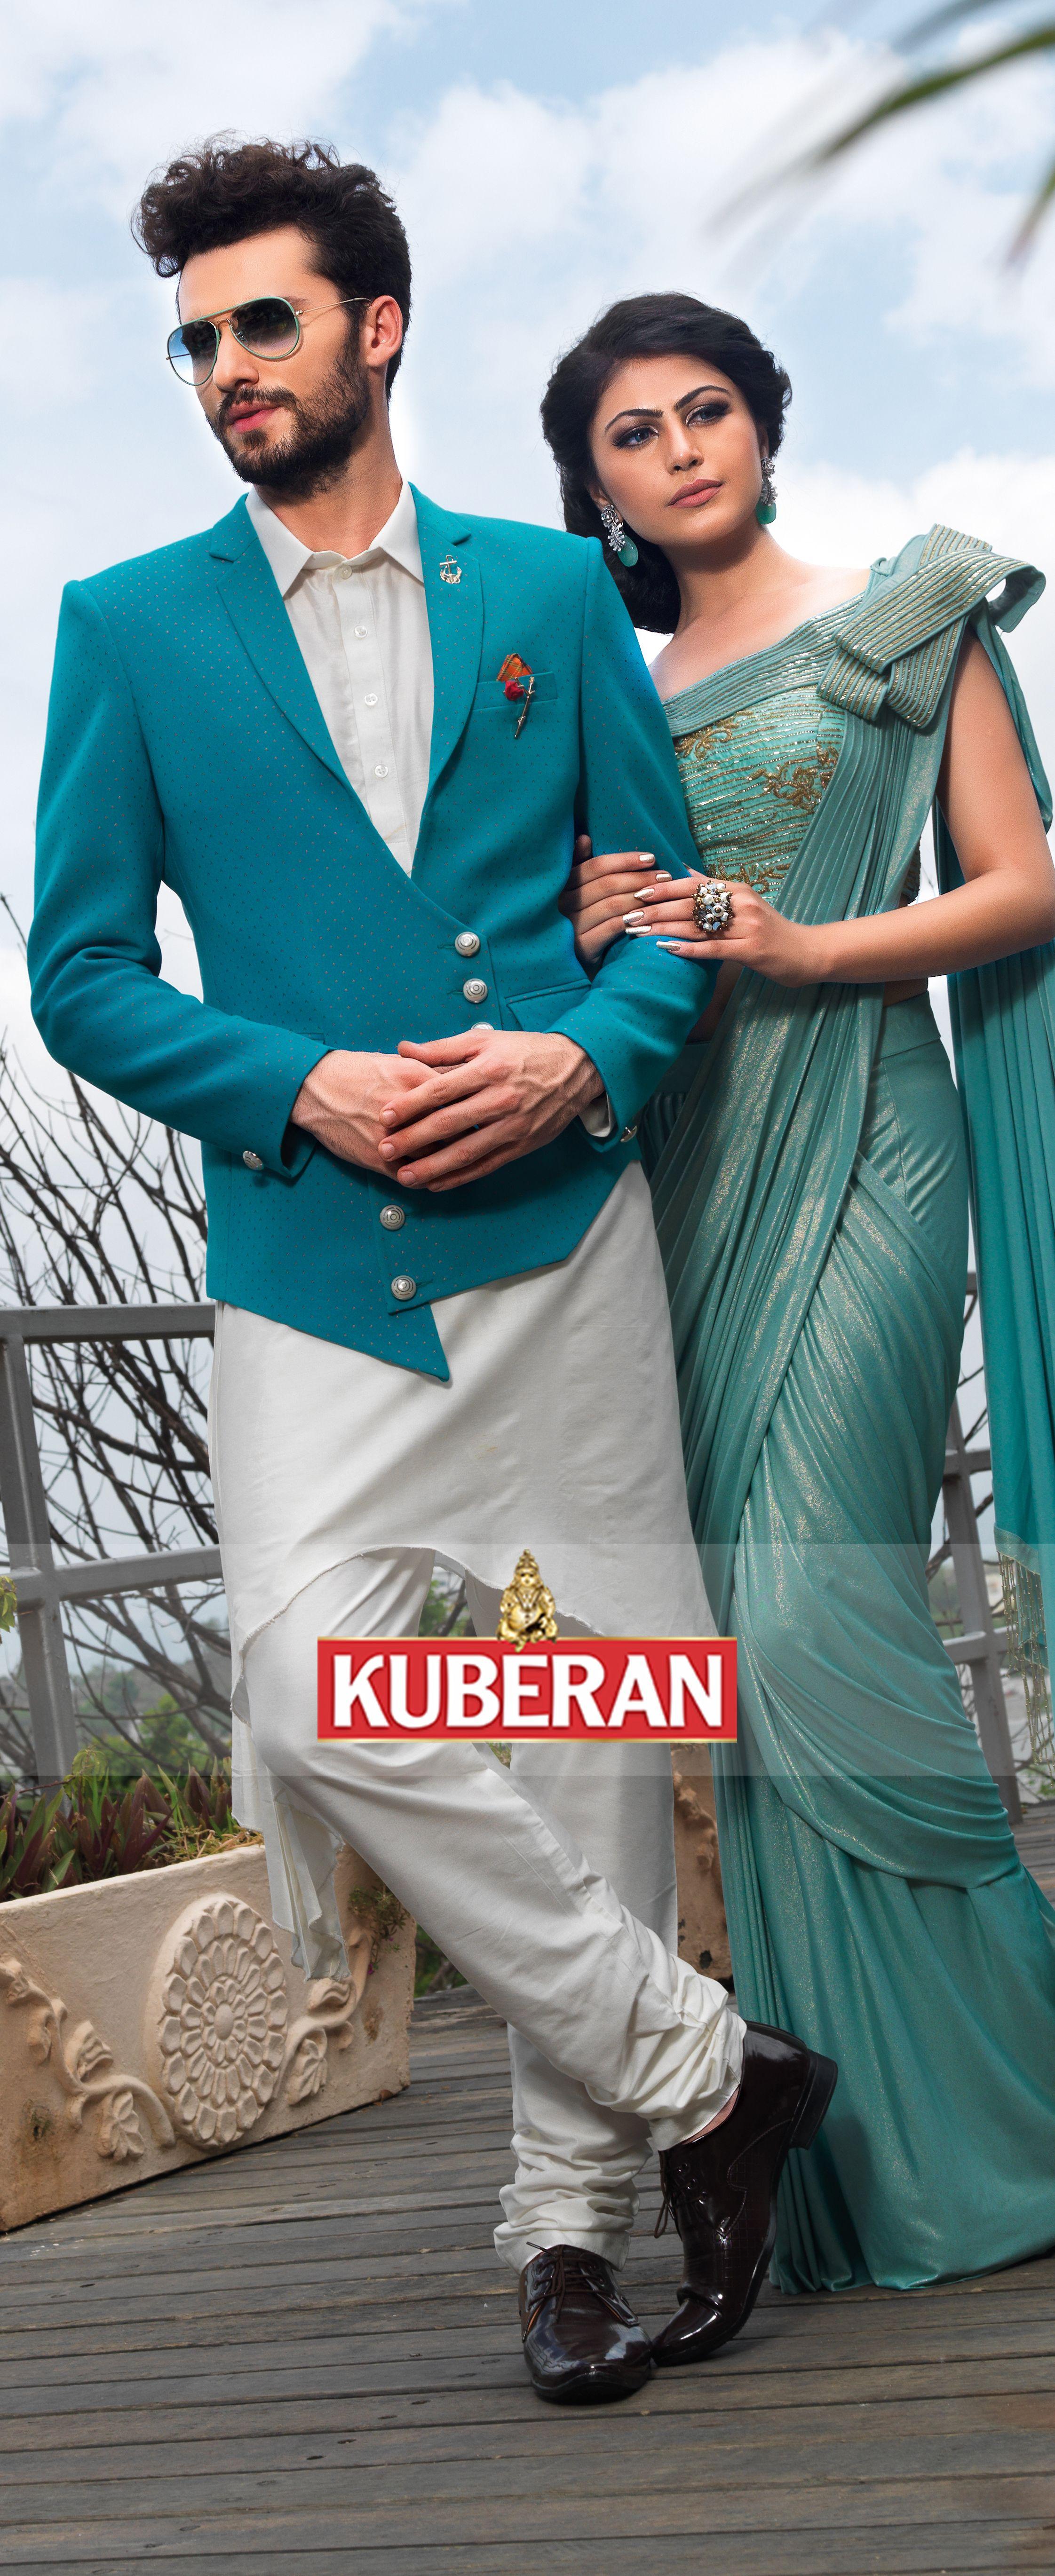 Kuberan Turquoise Blue Designer Suit #menssuit #weddingsuit ...